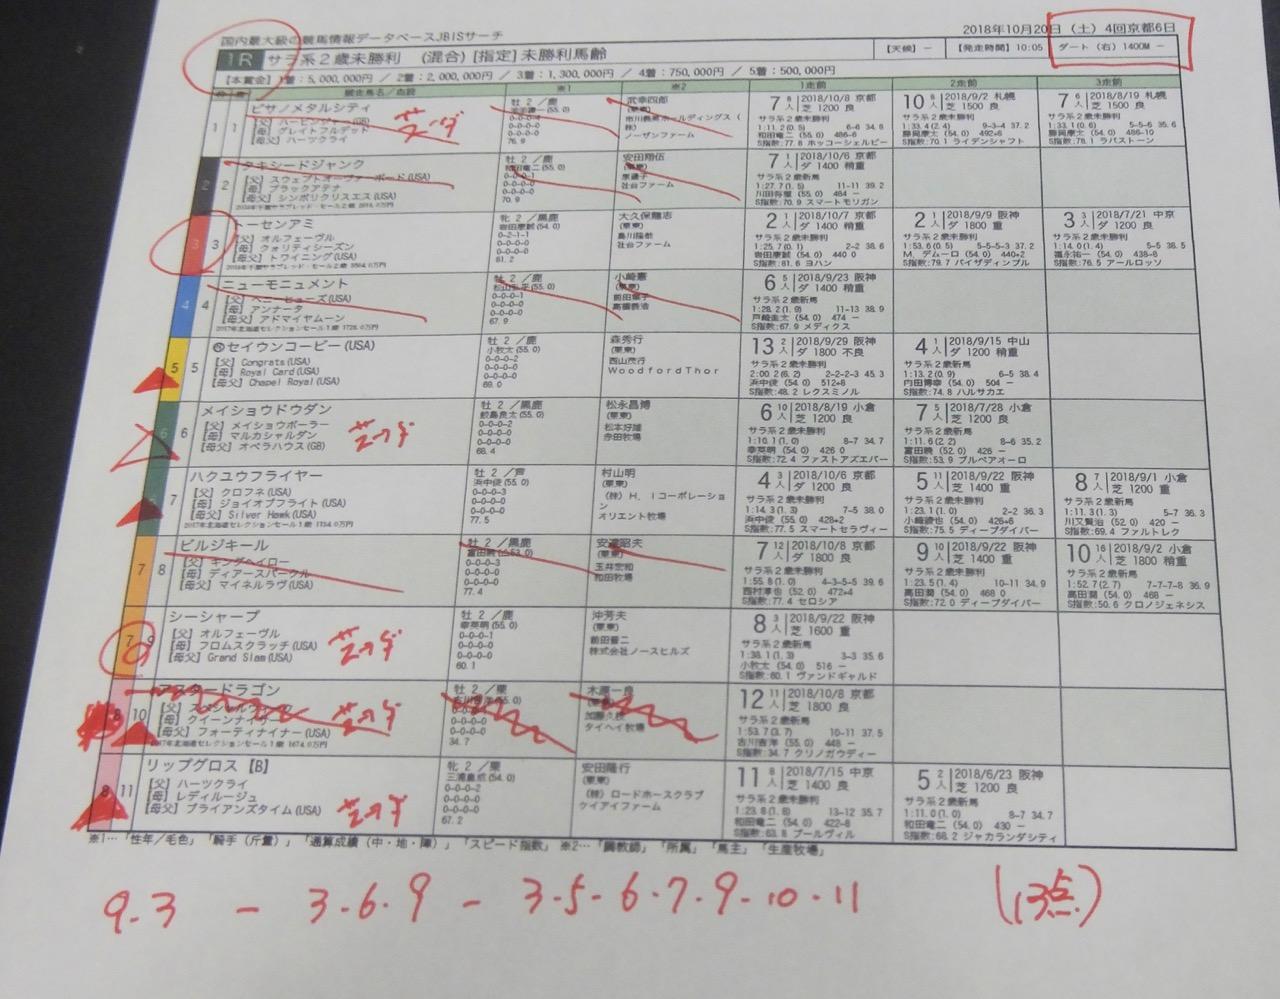 京都1レース、2歳未勝利(ダート1400m)競馬予想。馬券本命、オルフェーヴル産駒シーシャープ(幸英明騎手、沖芳夫厩舎)2018.10.20